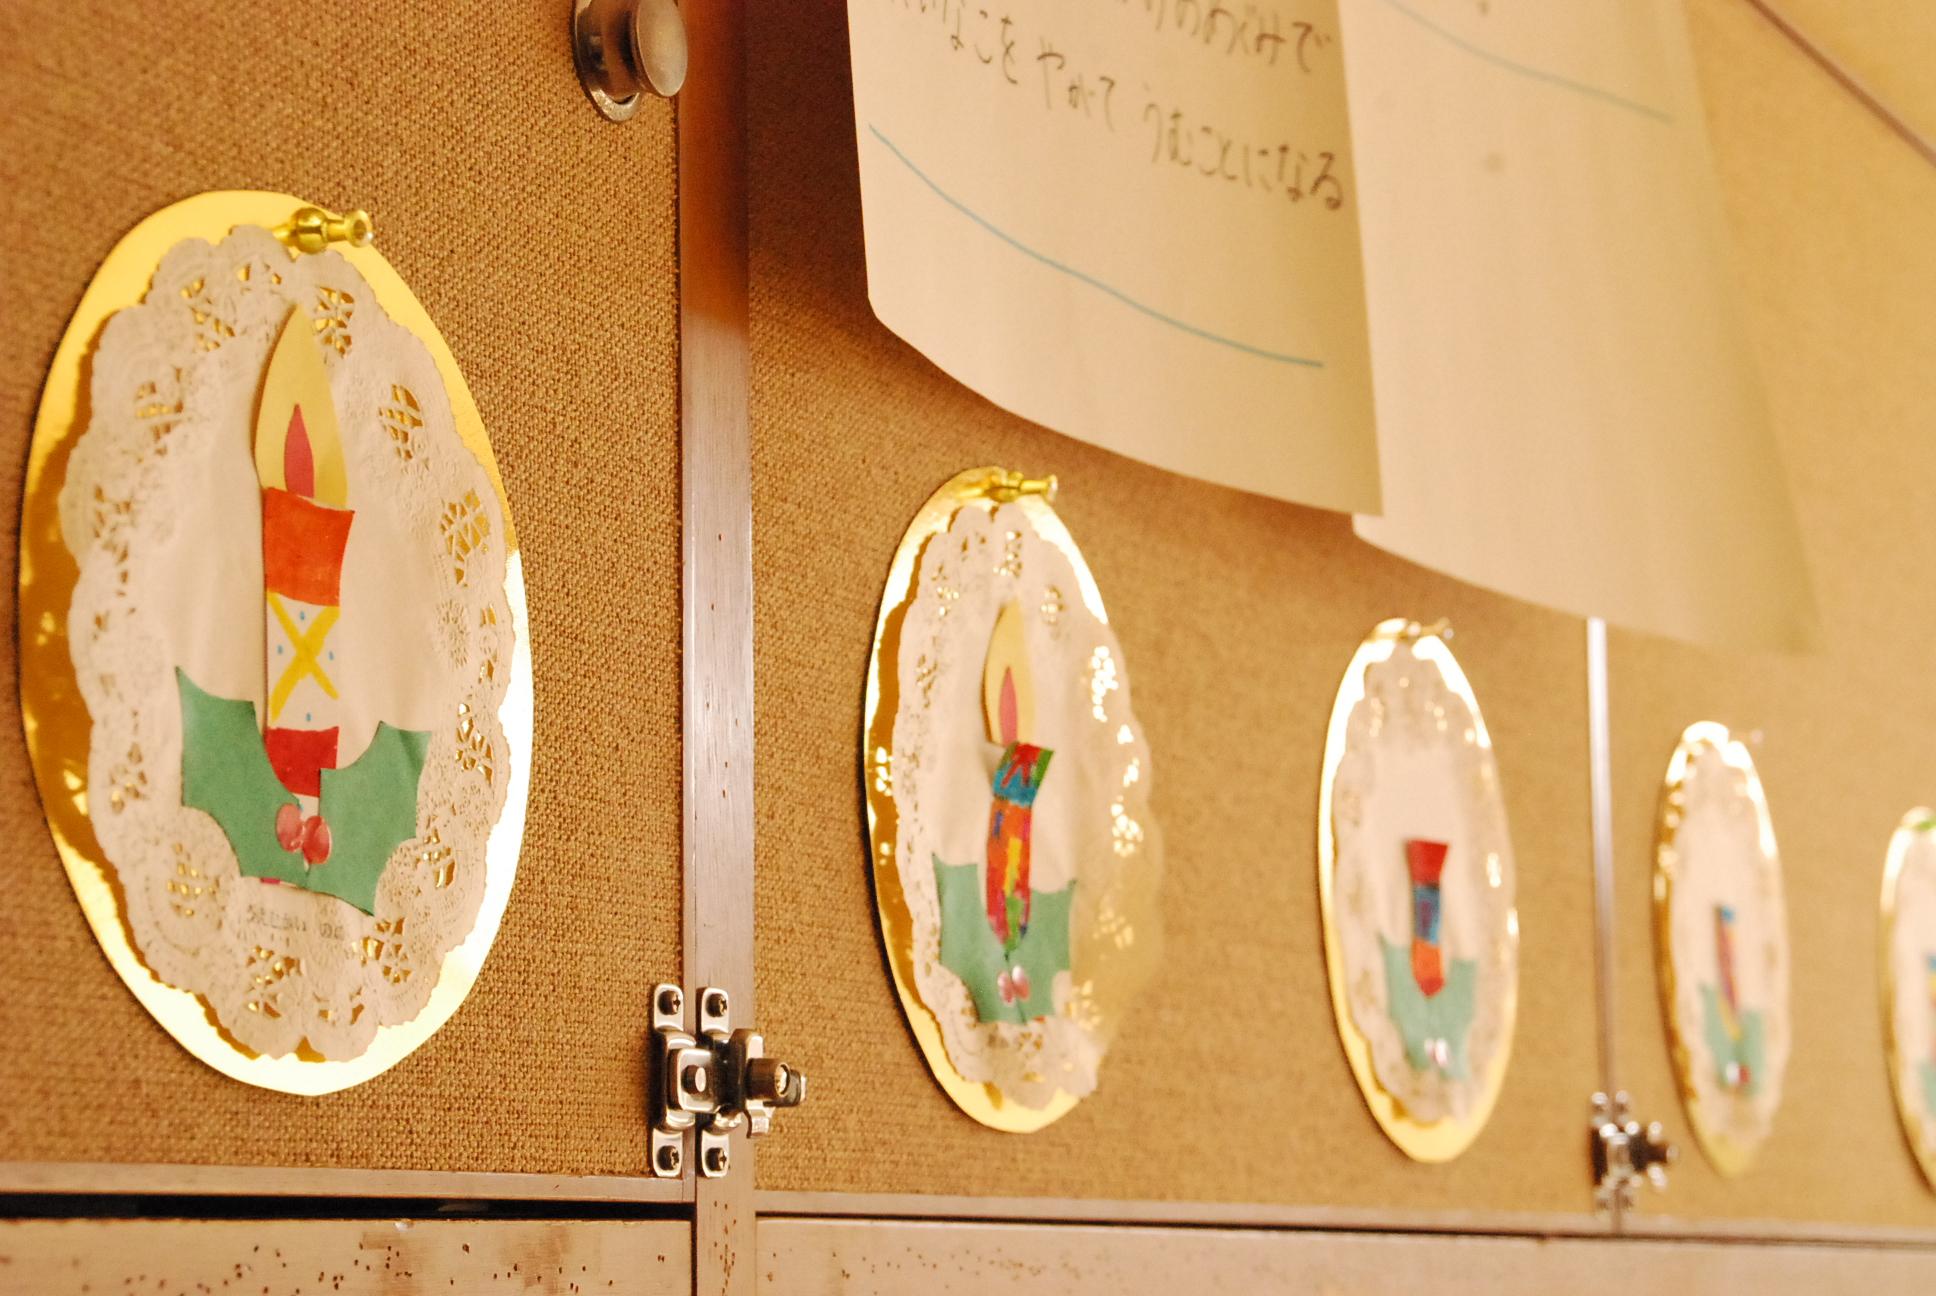 「晃華学園 マリアの園幼稚園」のクリスマス